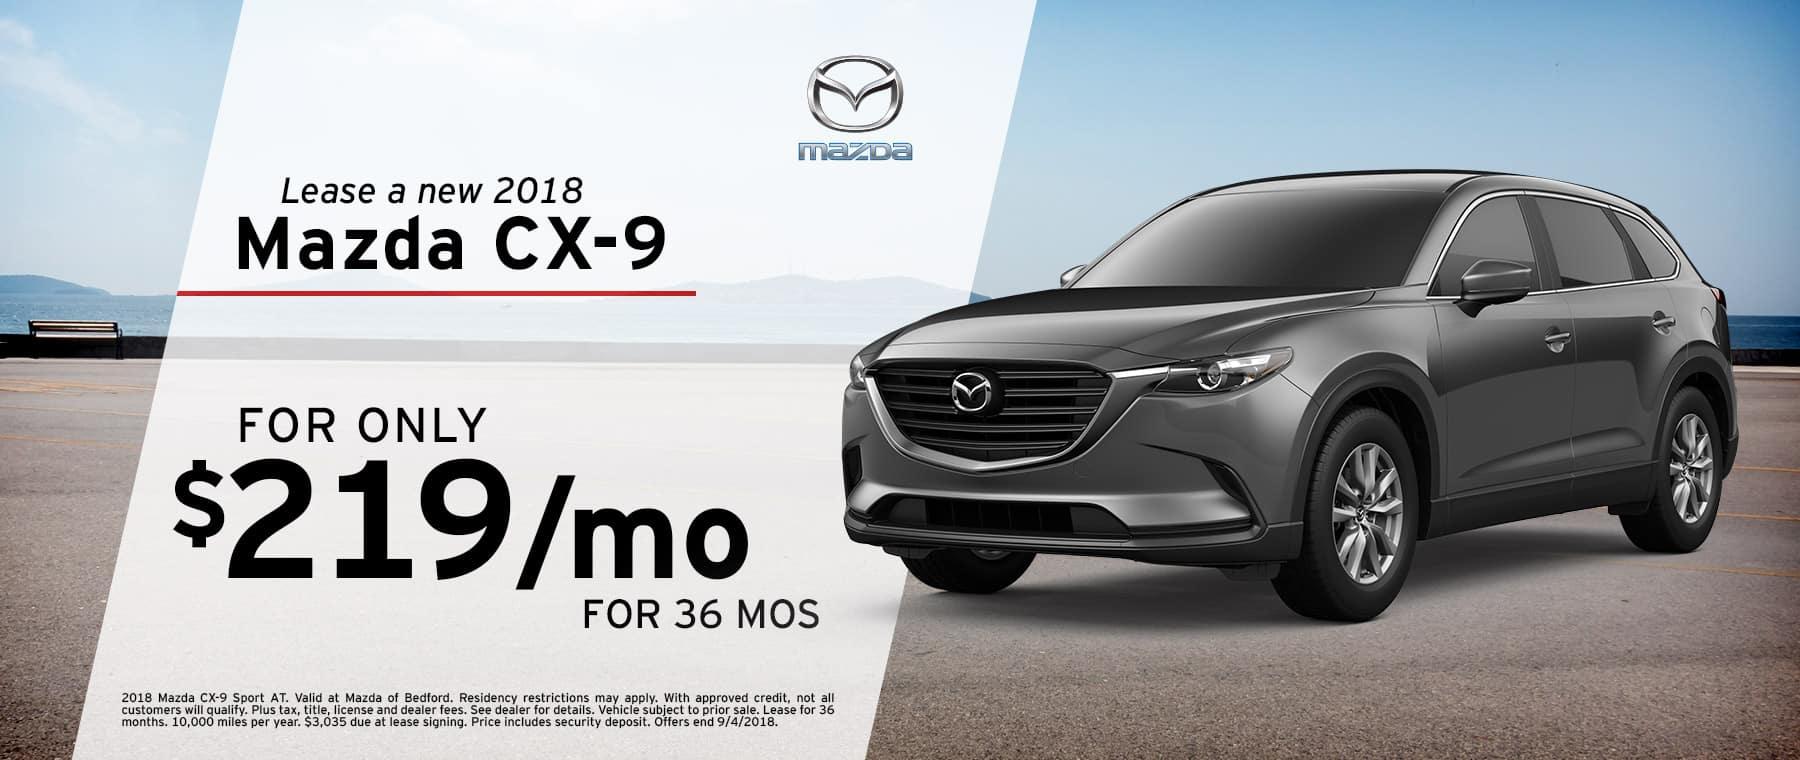 Mazda CX-9 | Mazda of Bedford